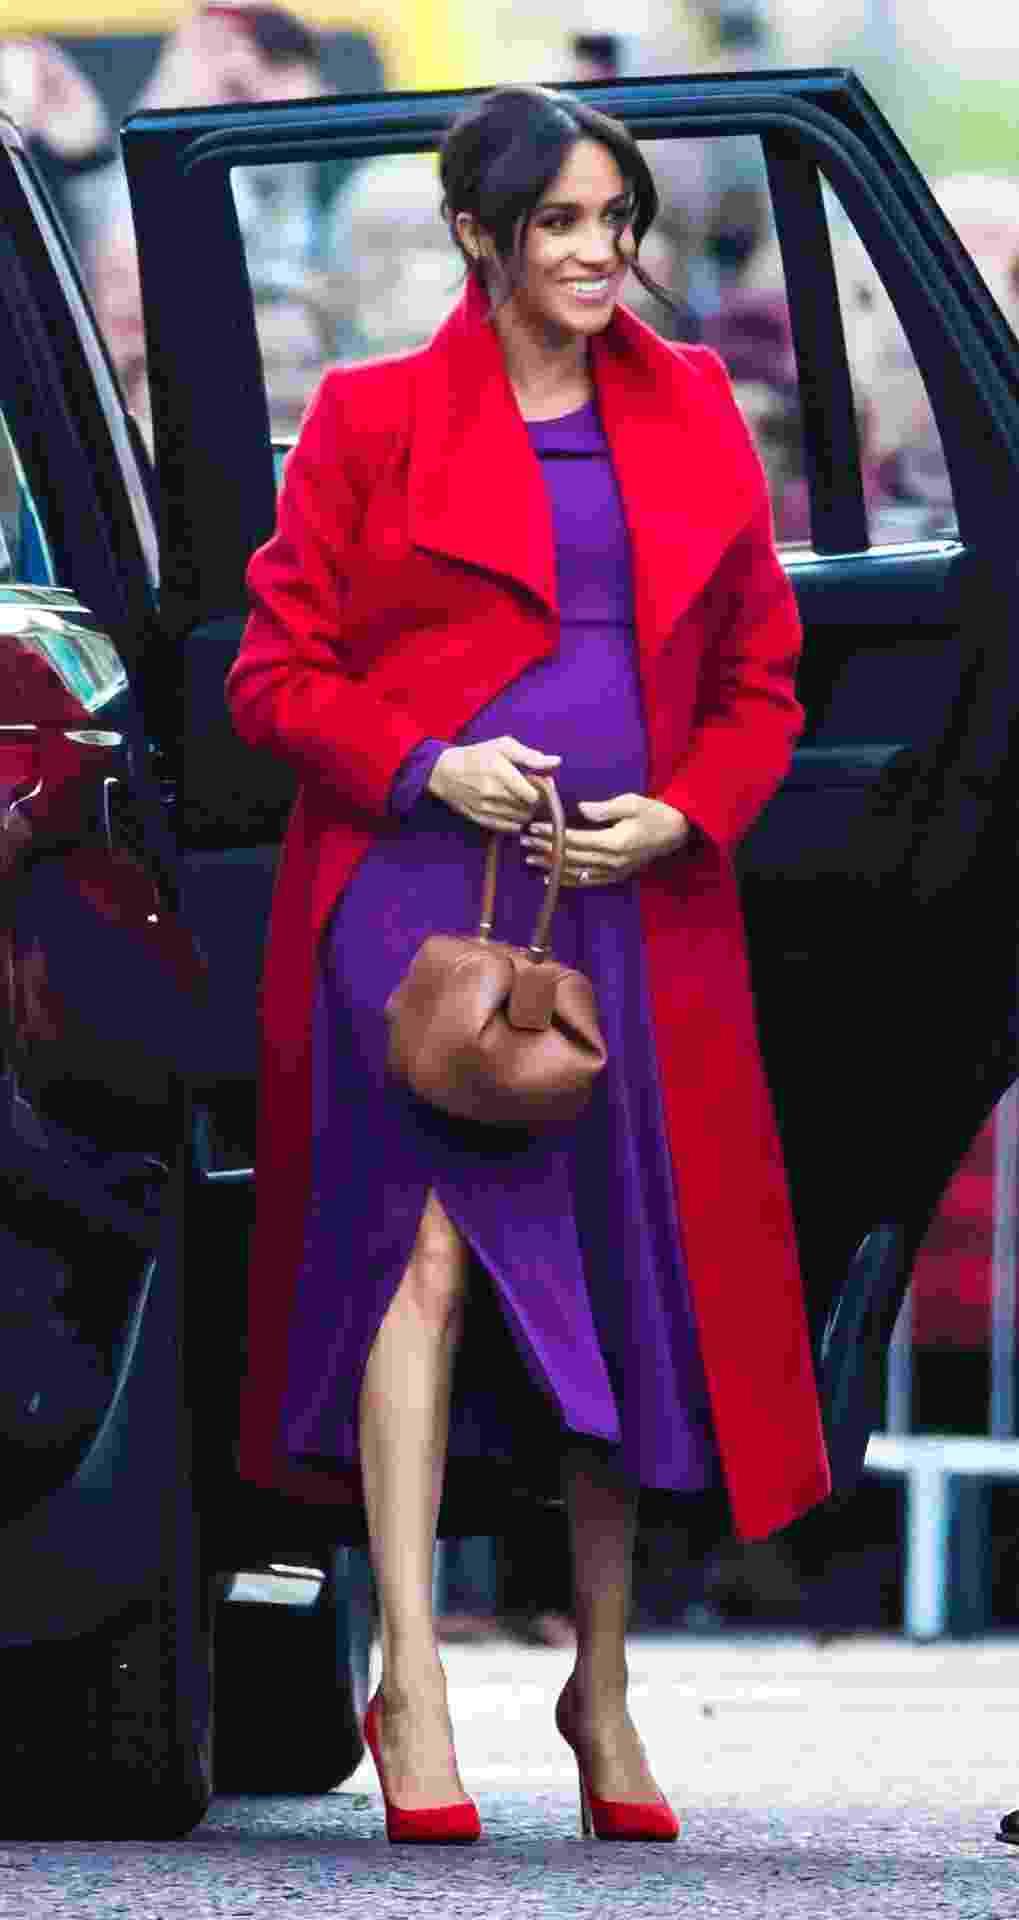 Meghan, a duquesa de Sussex, chegando a Birkenhead para uma visita ao lado do marido, o príncipe Harry, em 14 de janeiro - Getty Images